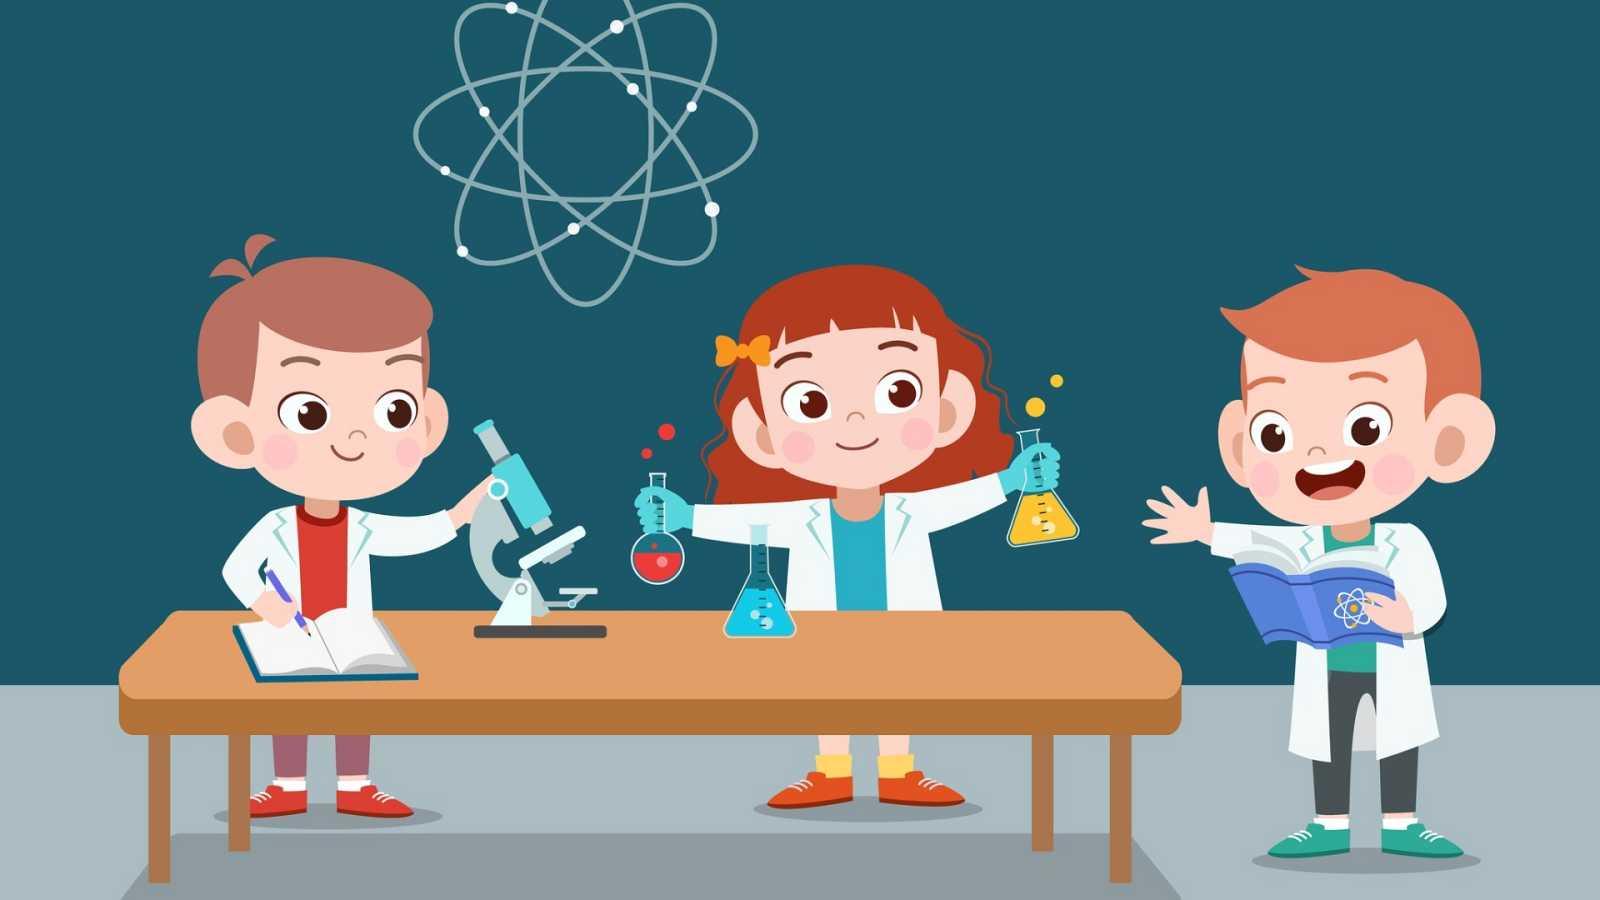 EduClan complementa la educación de tus hijos durante el cierre preventivo de los colegios